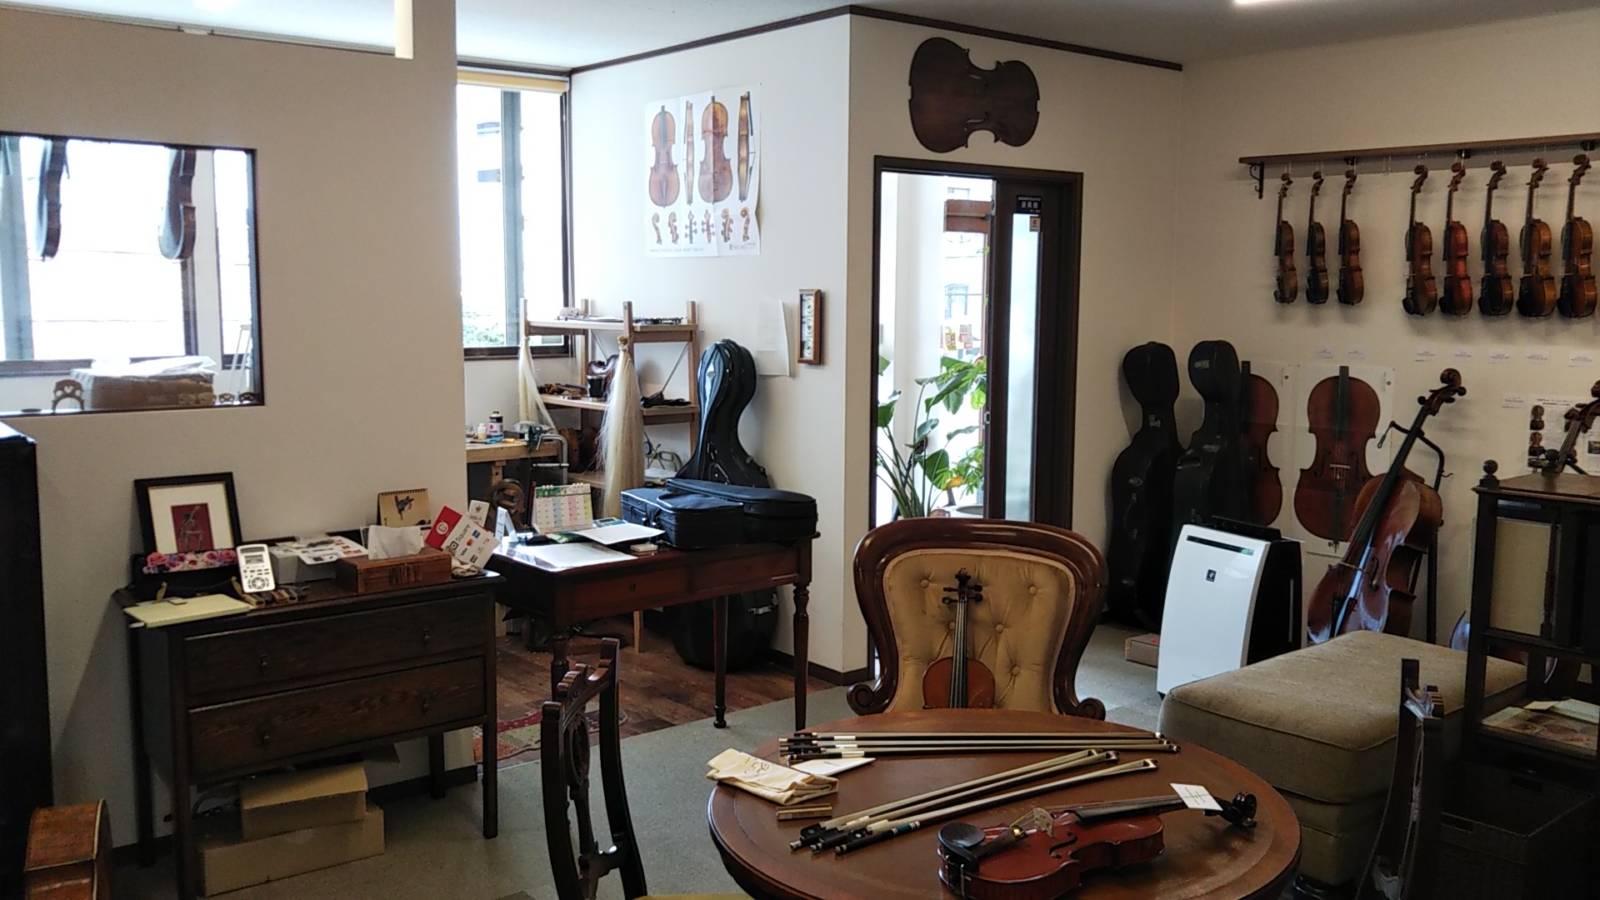 広島展示会のご案内と期間中の名古屋ショールーム休業のお知らせ